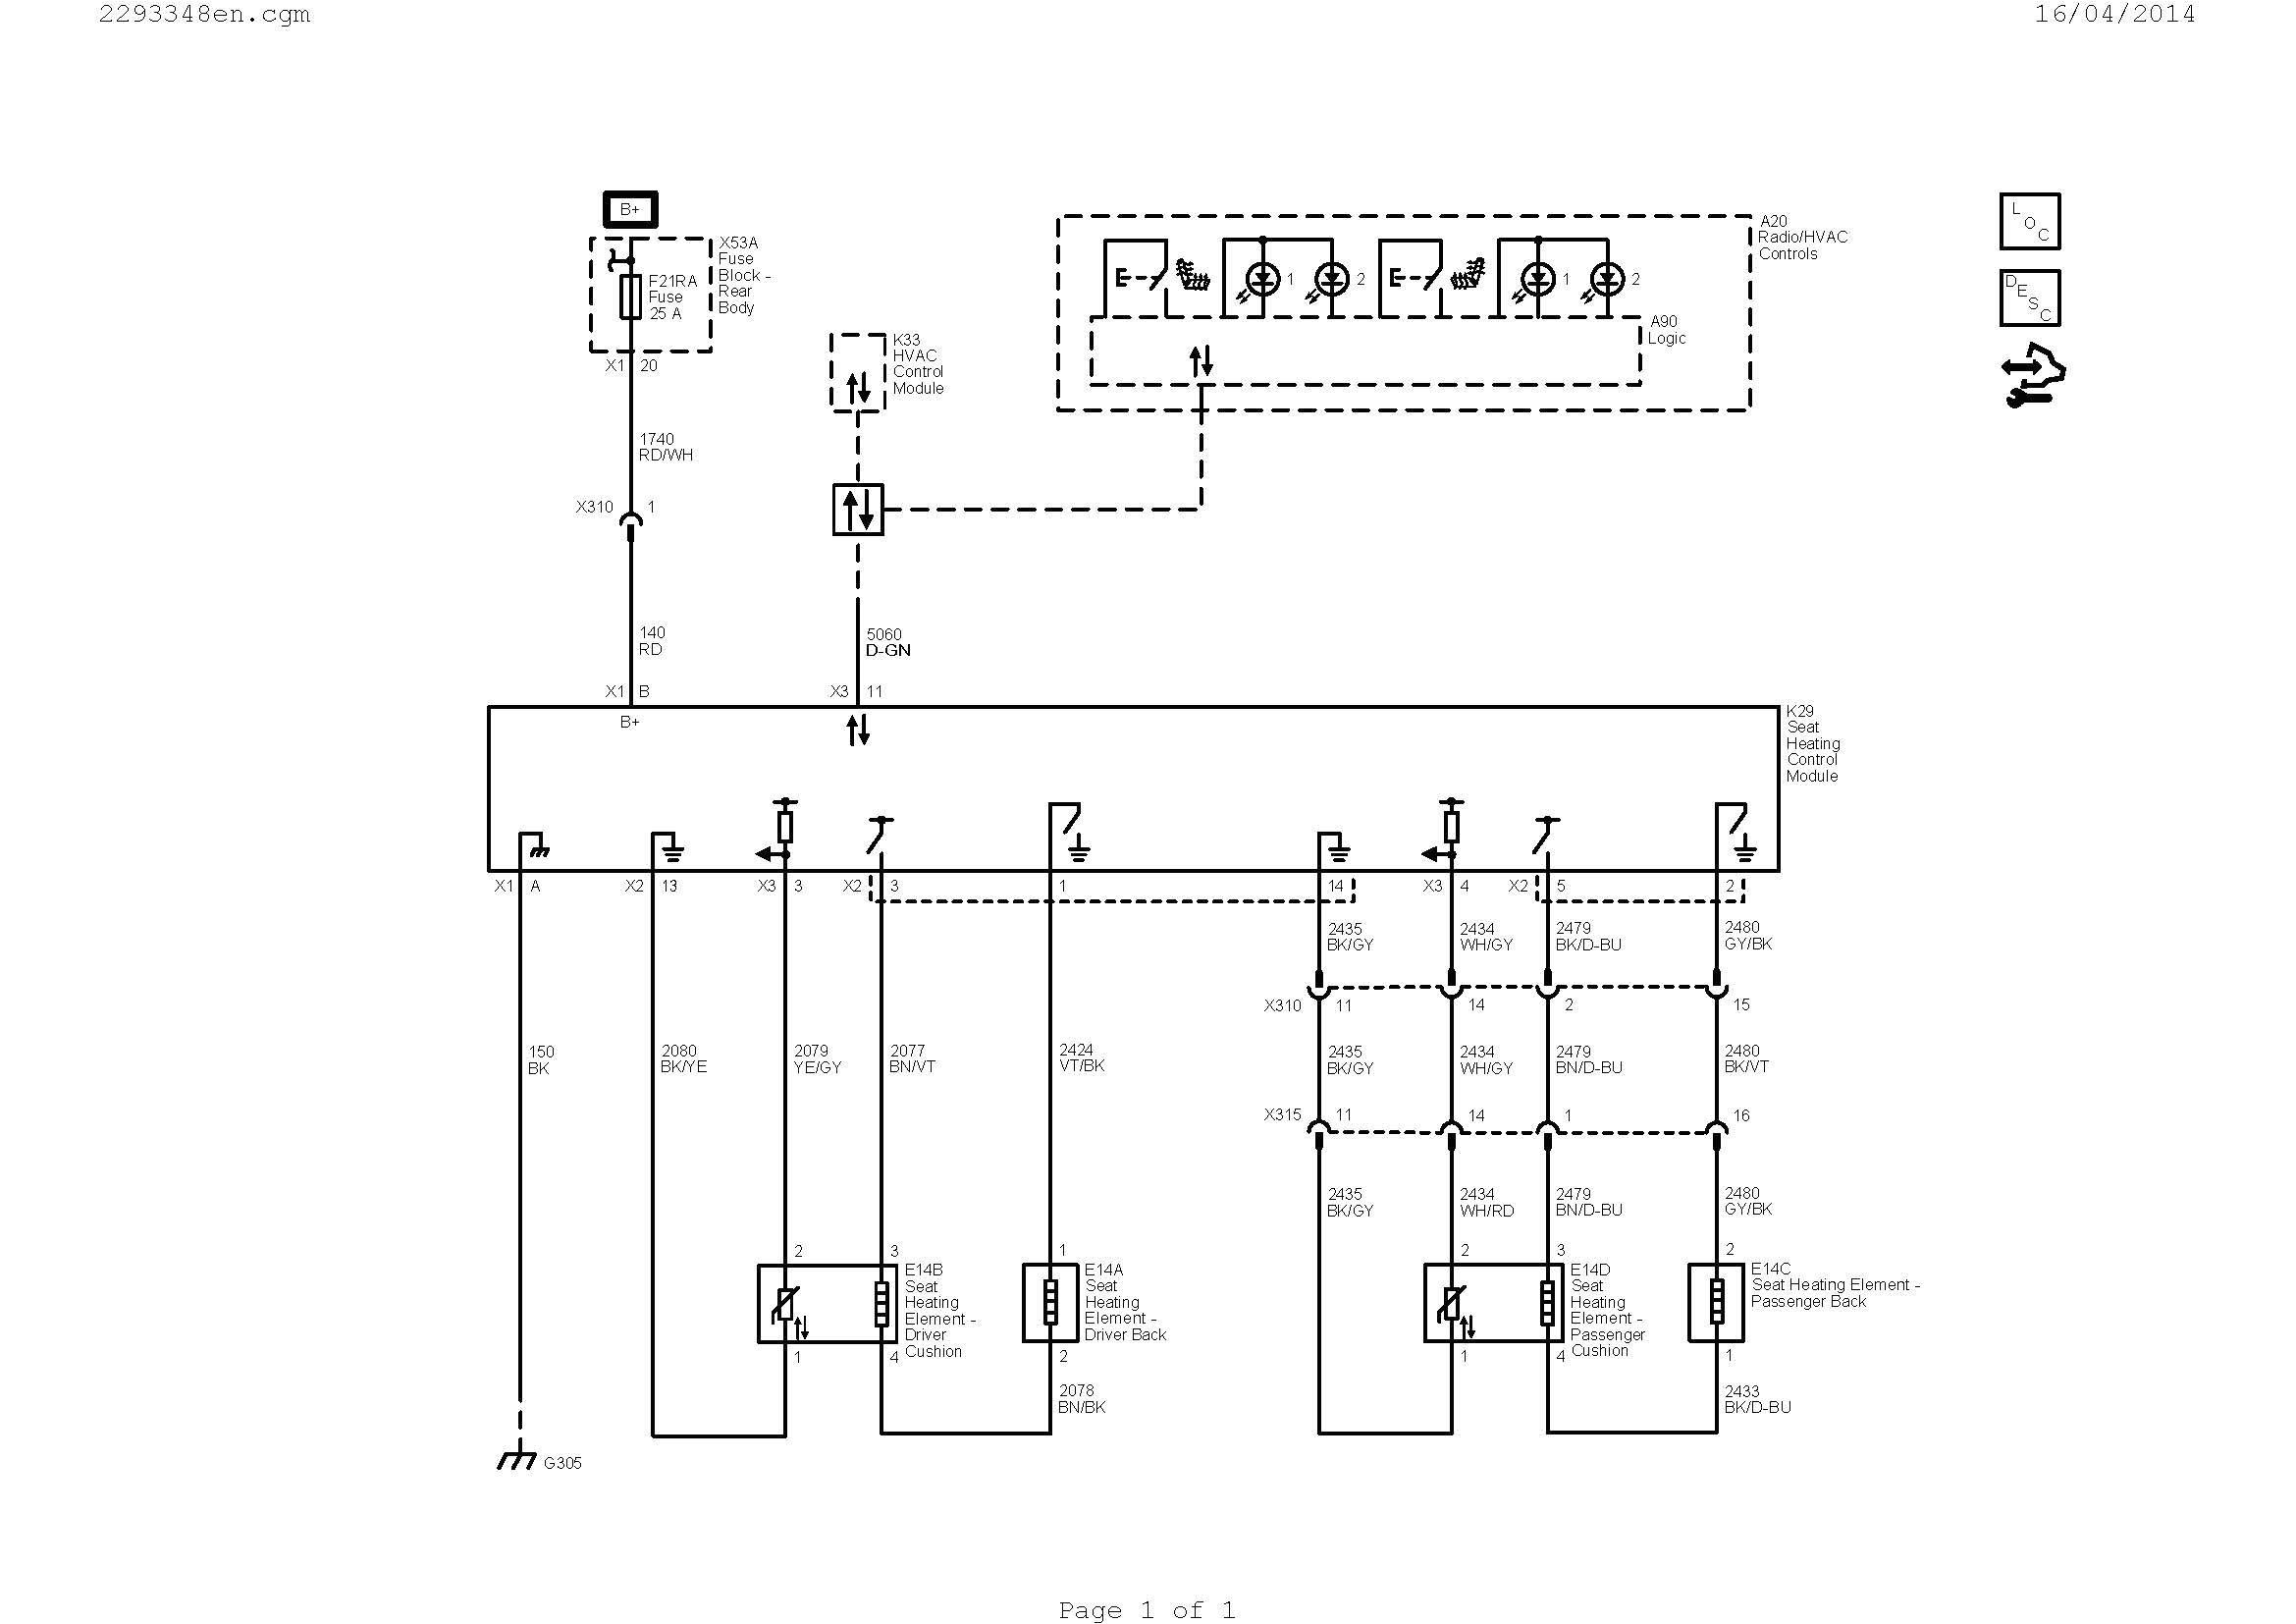 Wiring Diagram for Les Paul Guitar Guitar Jack Diagram Wiring Diagram Image